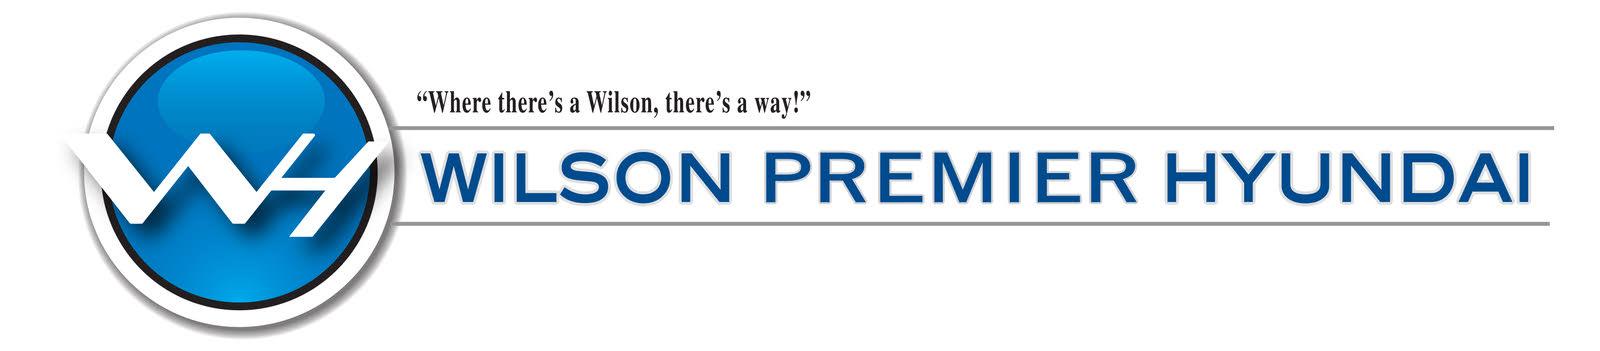 Wilson Premier Hyundai Ridgeland Ms Wilson Premier